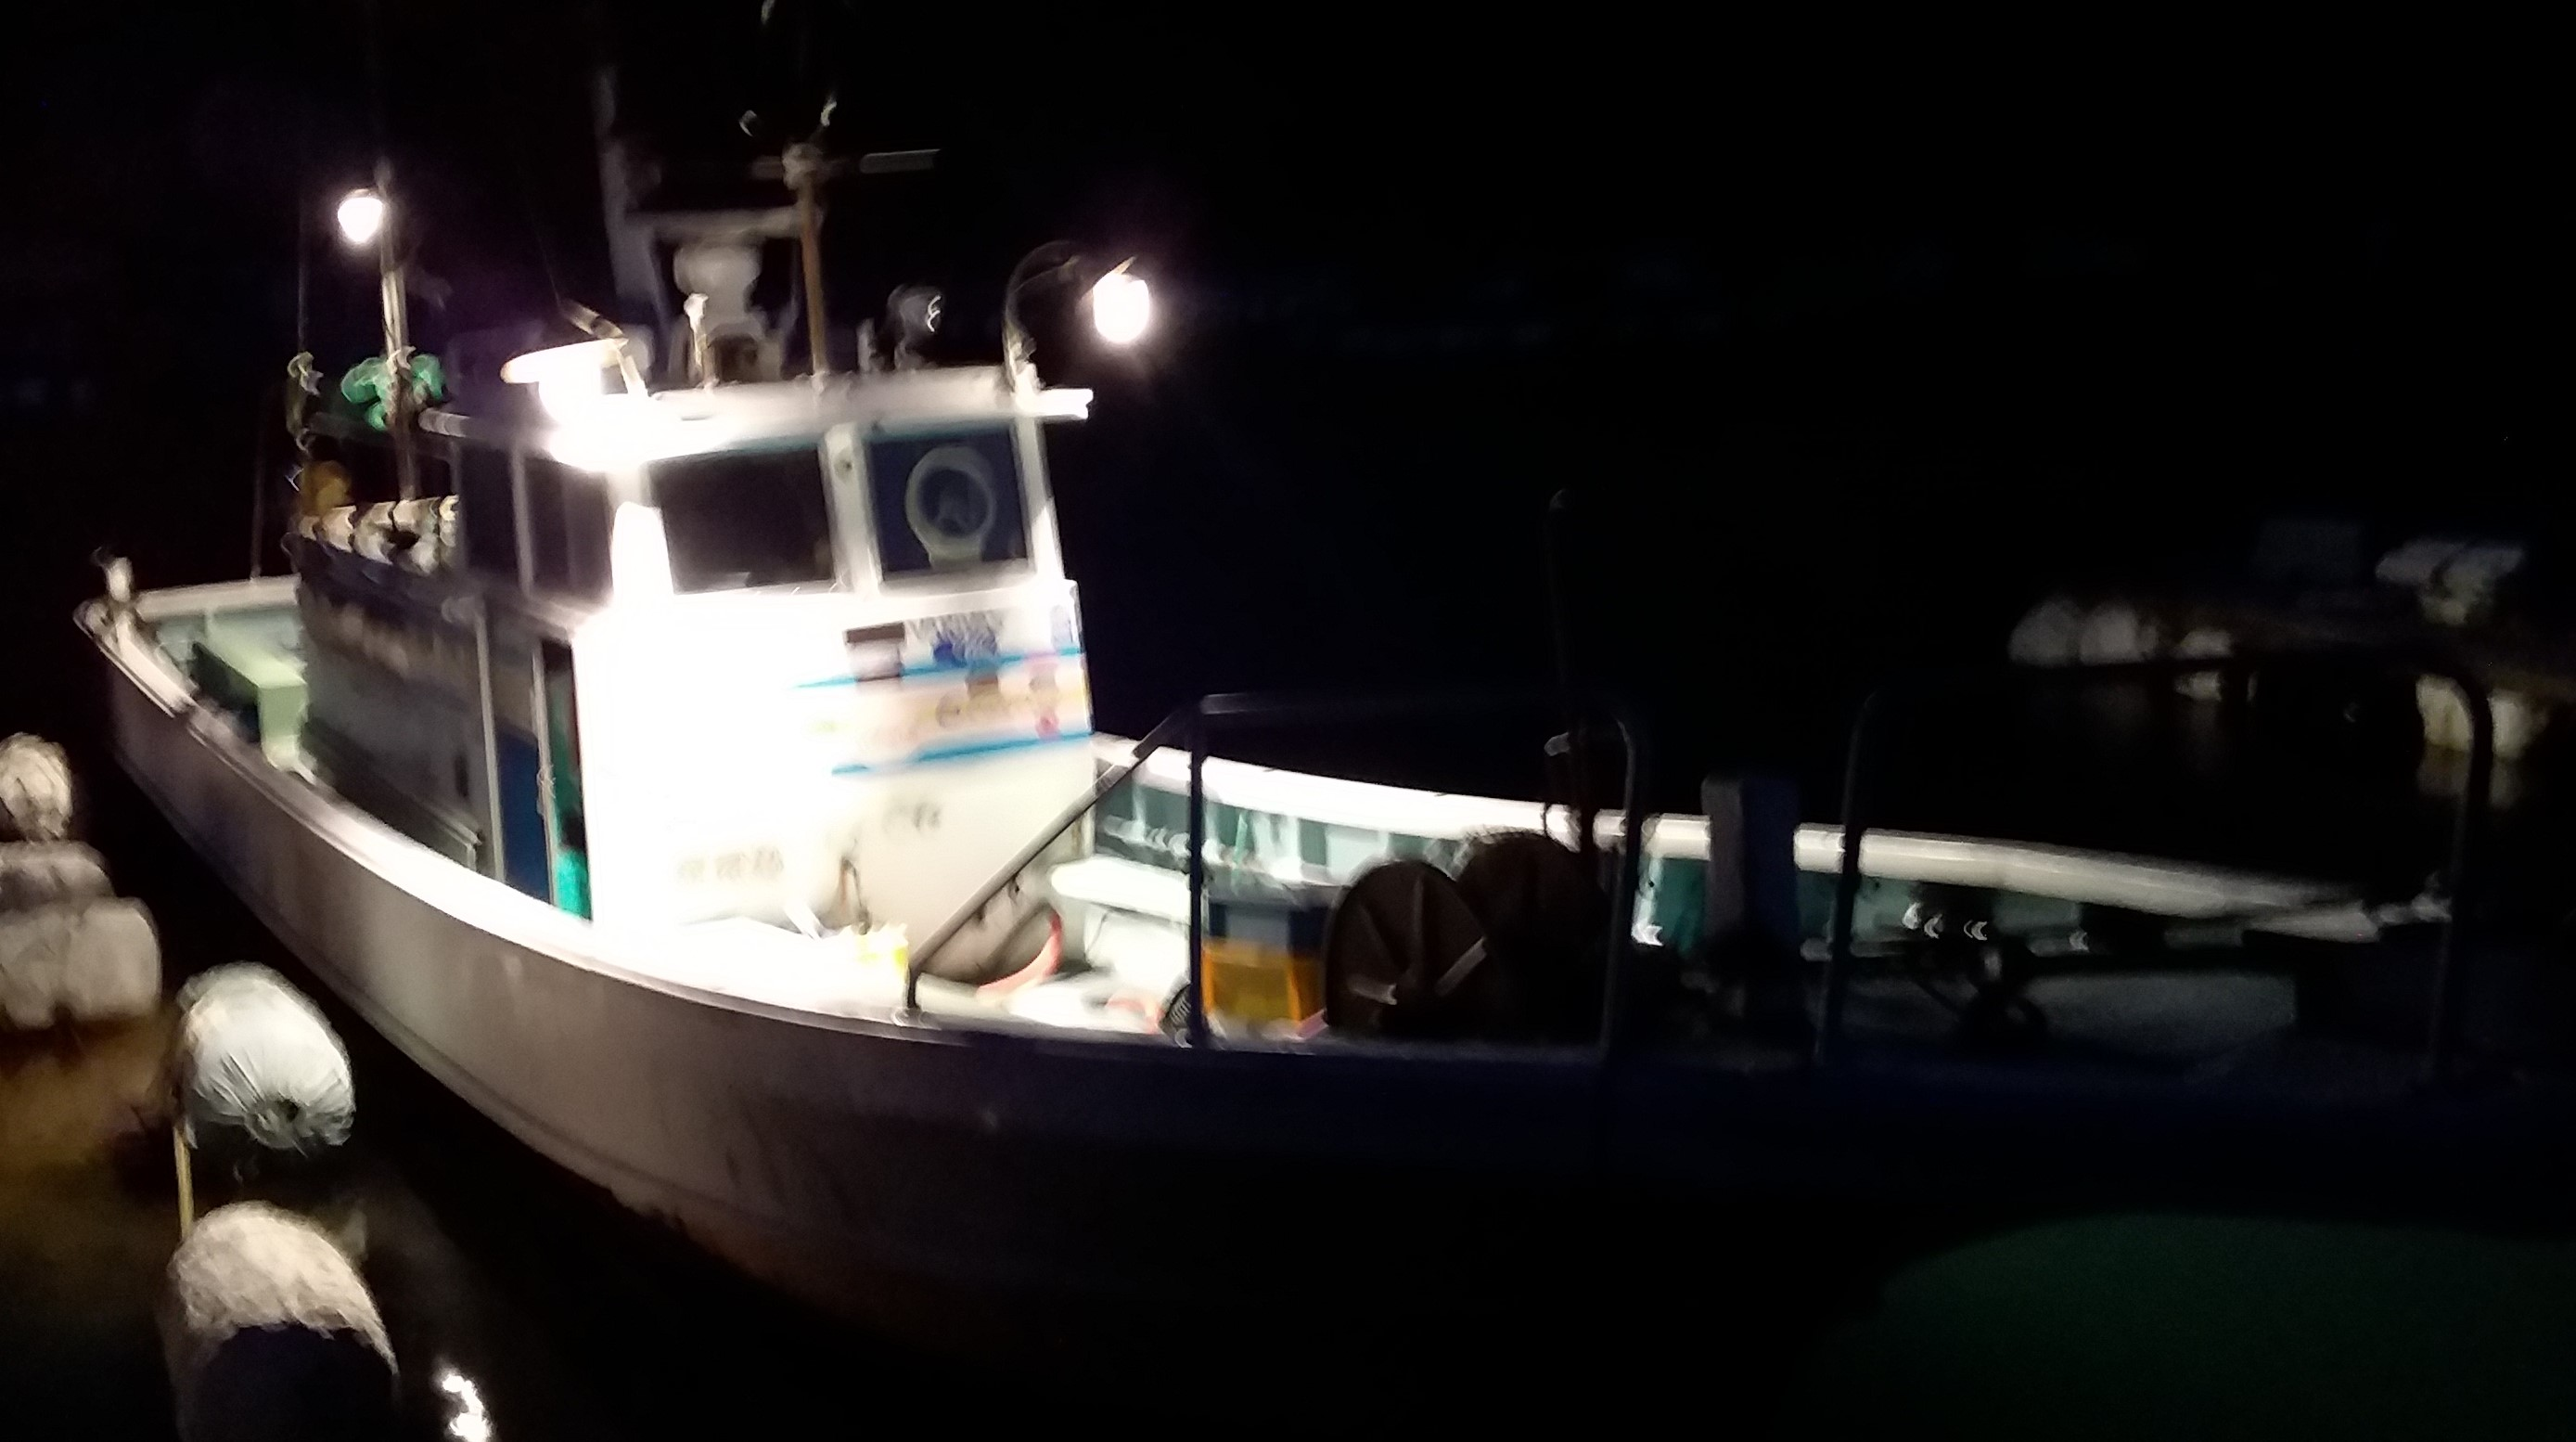 鳥羽ティップラン乗船魚勘丸❕❕_e0212944_7494797.jpg